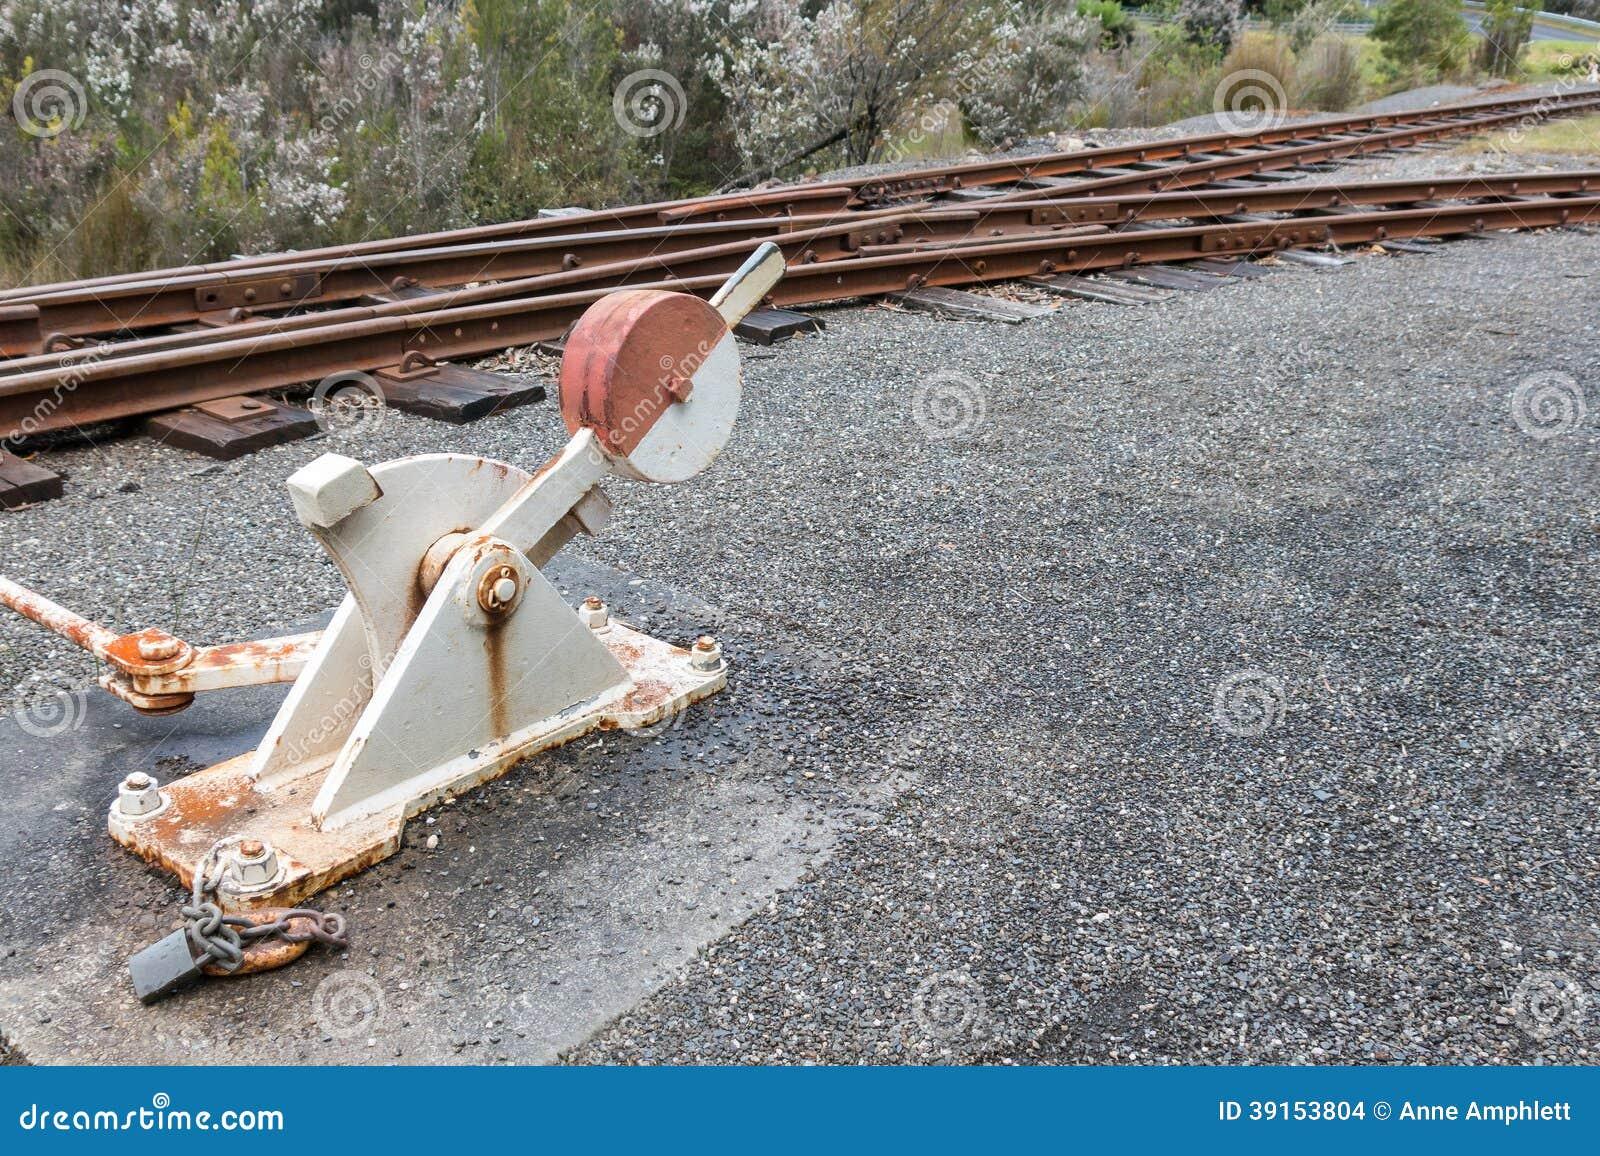 Interruptor Railway